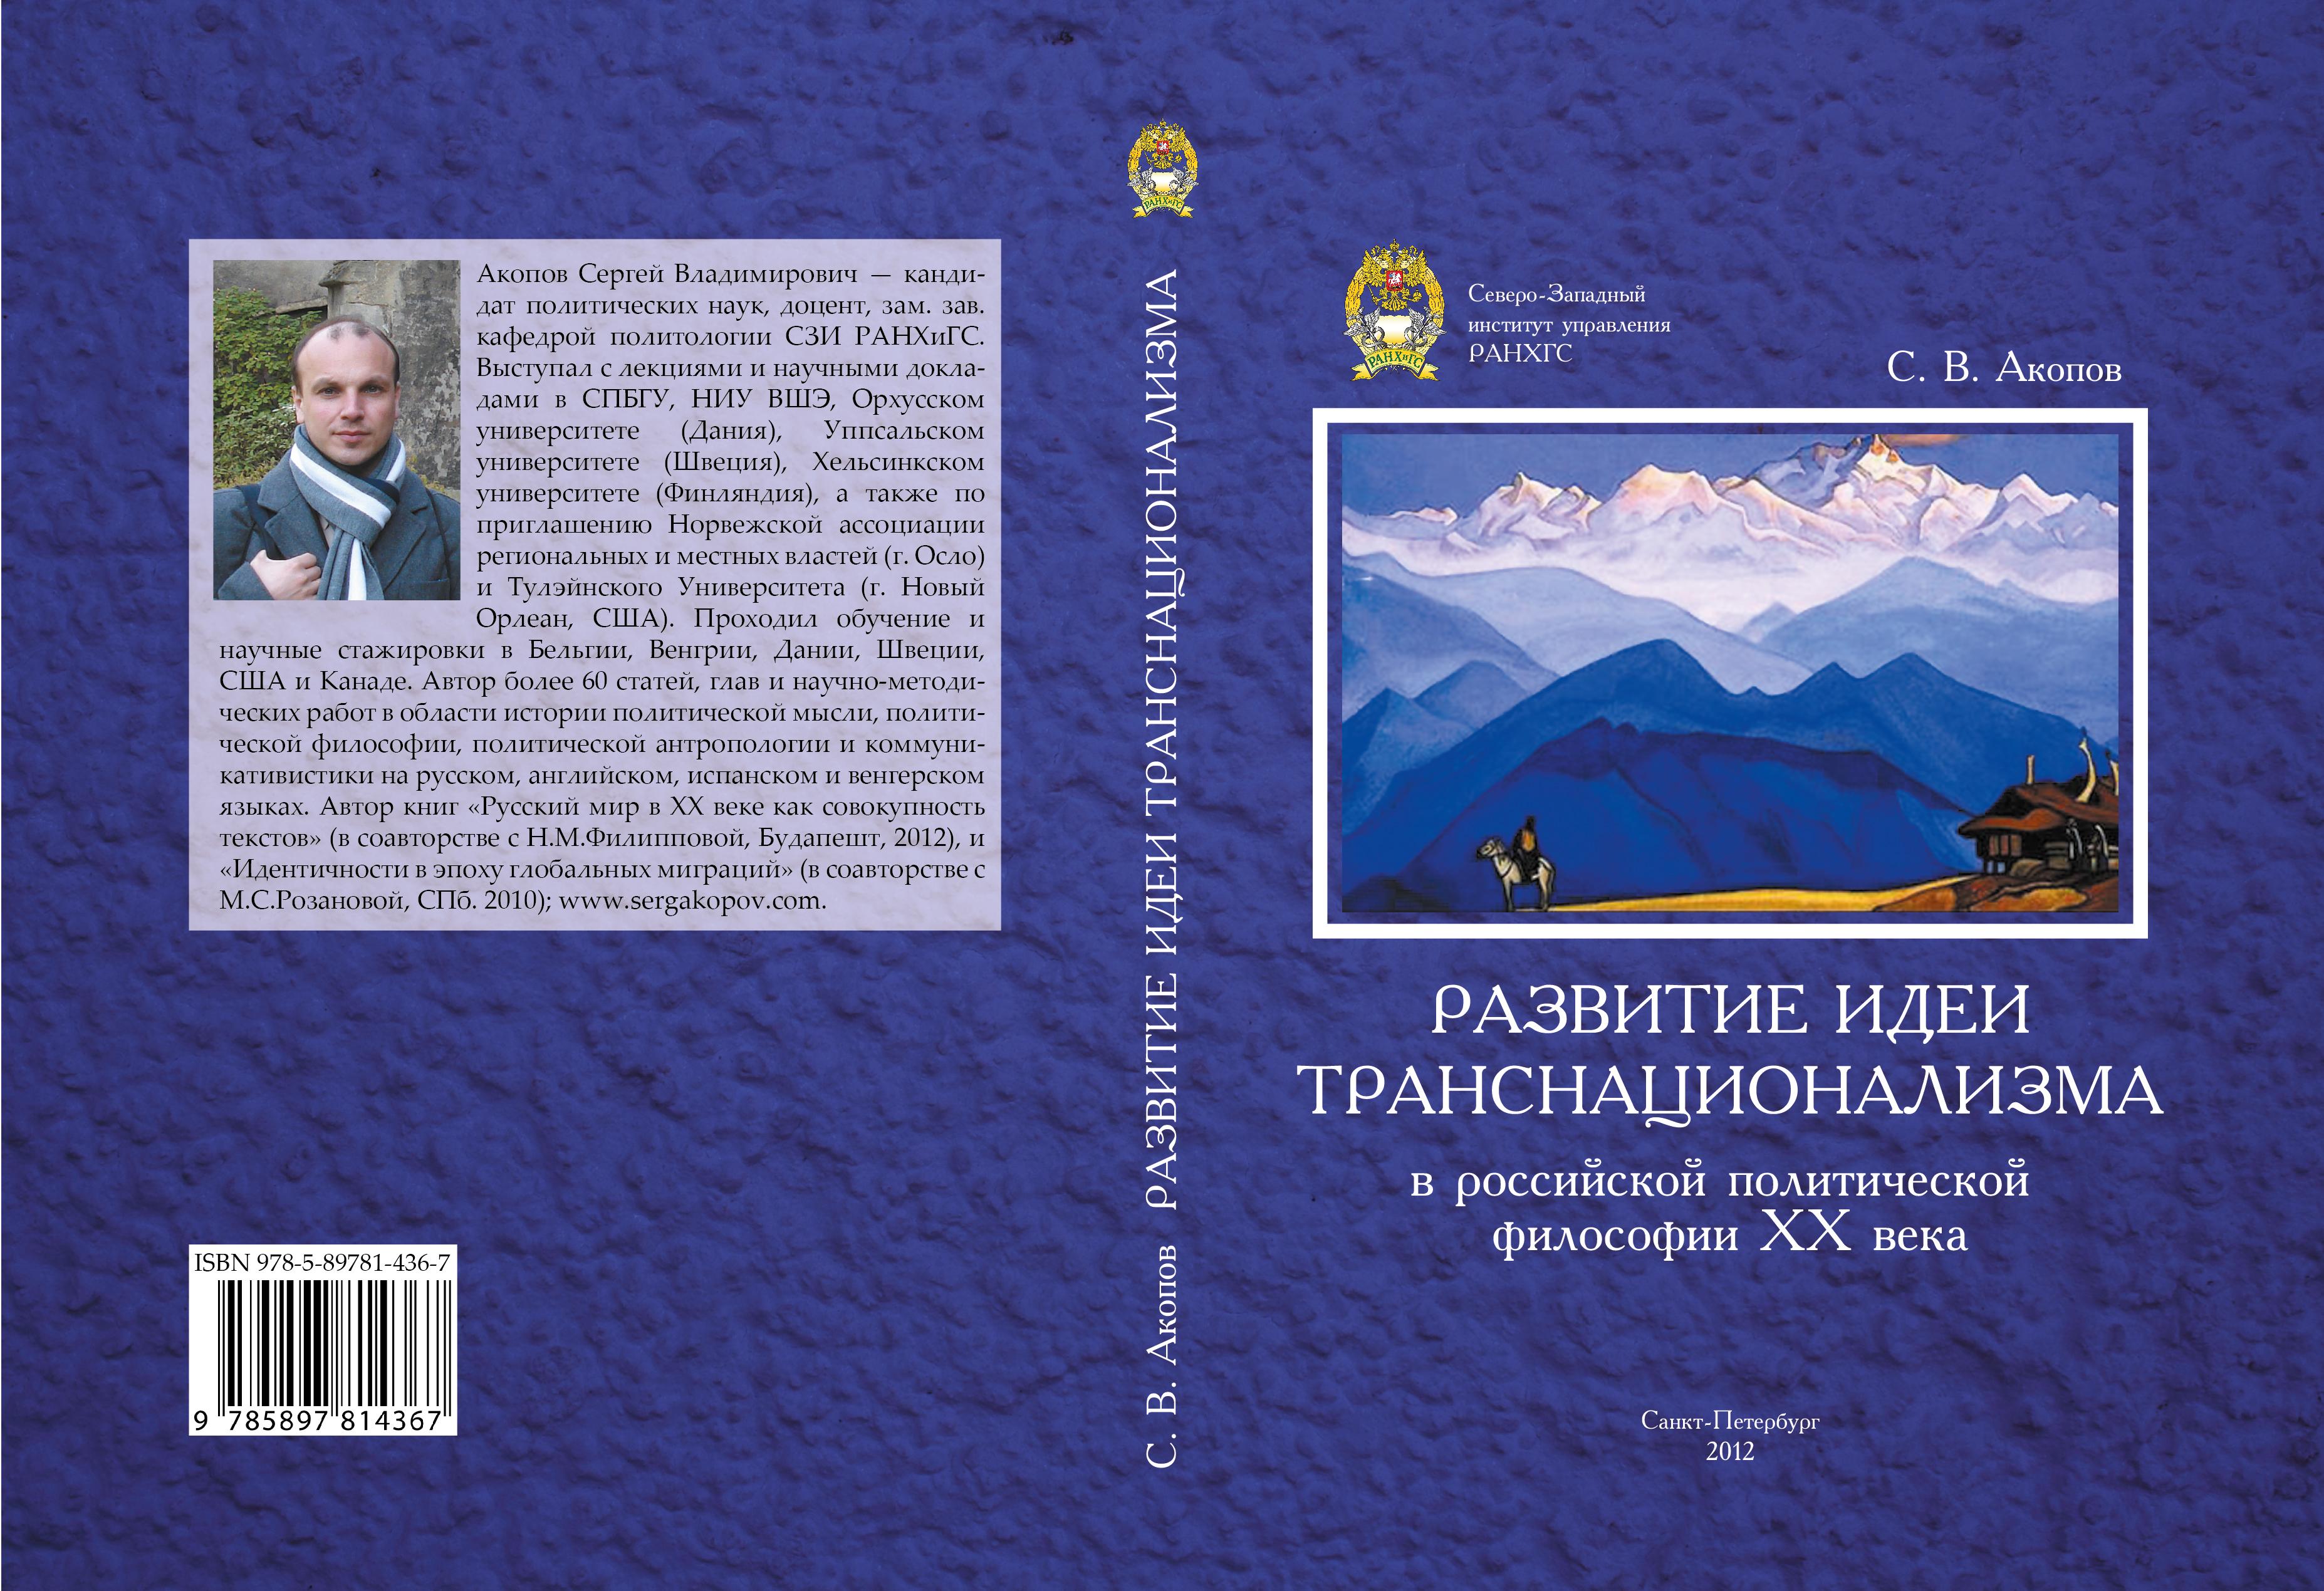 Развитие идеи транснационализма в российской политической философии XX века